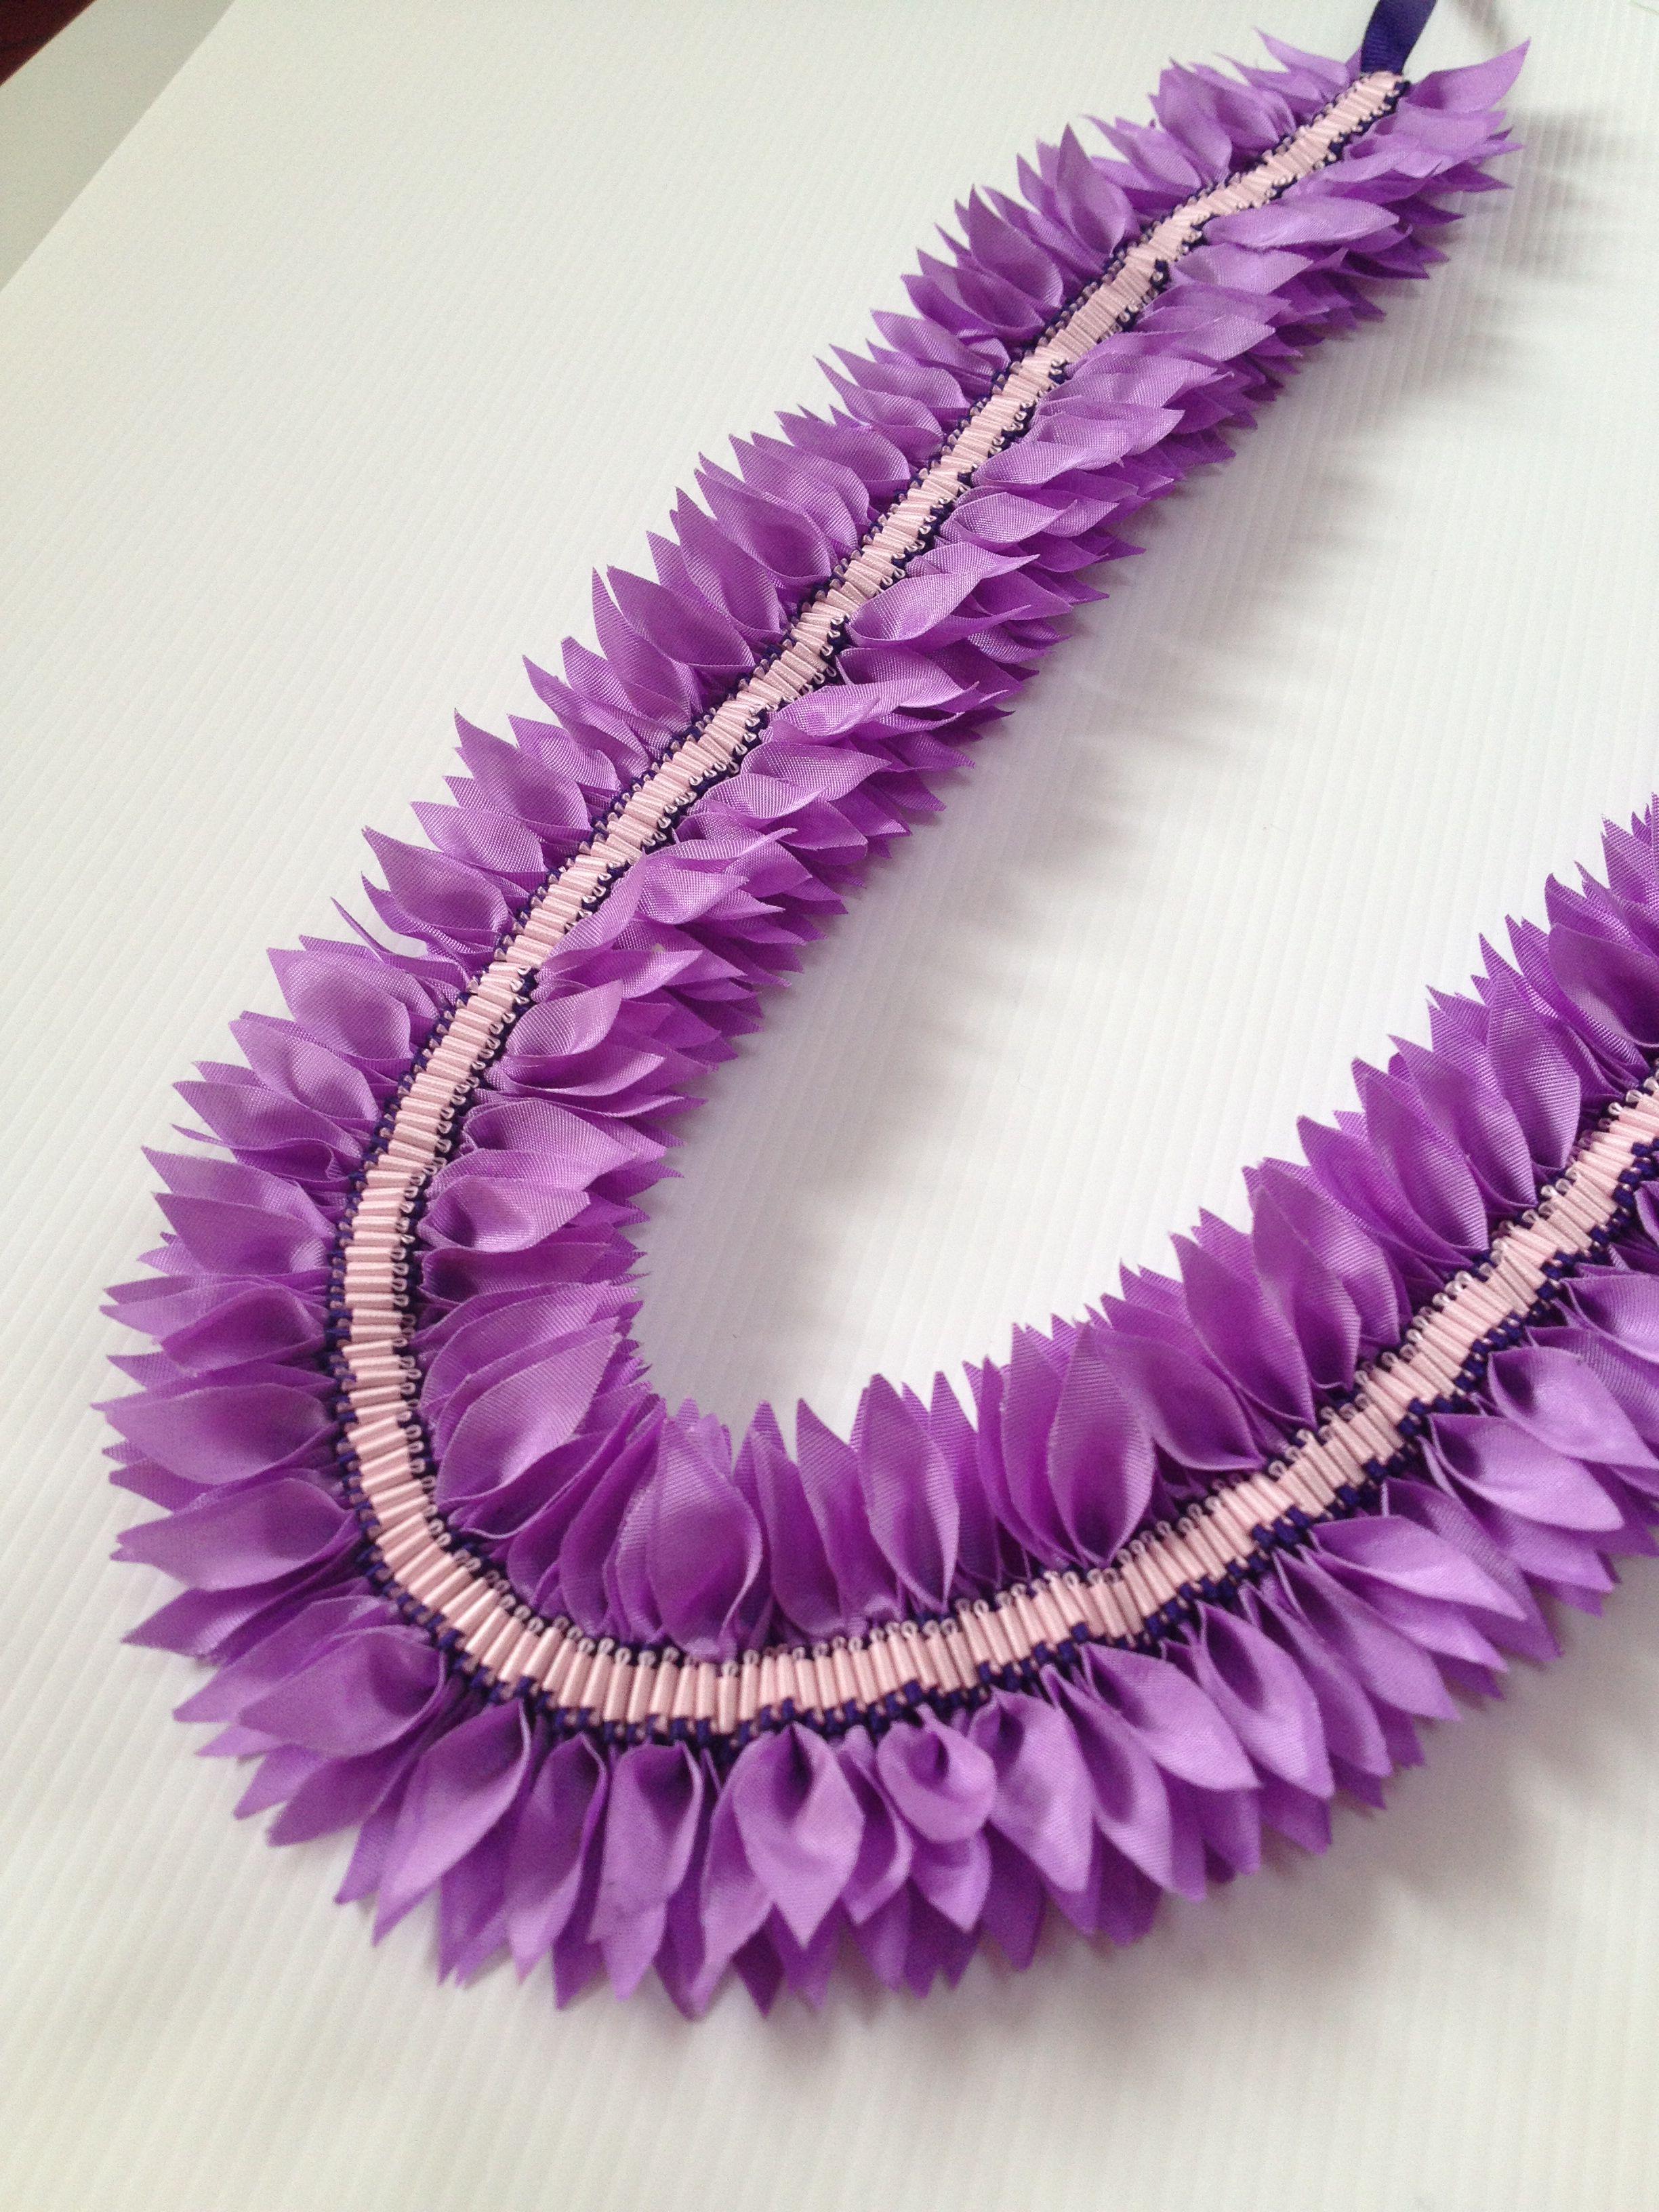 Maunaloa ribbon lei ribbon lei pinterest ribbon lei leis maunaloa ribbon lei buycottarizona Gallery